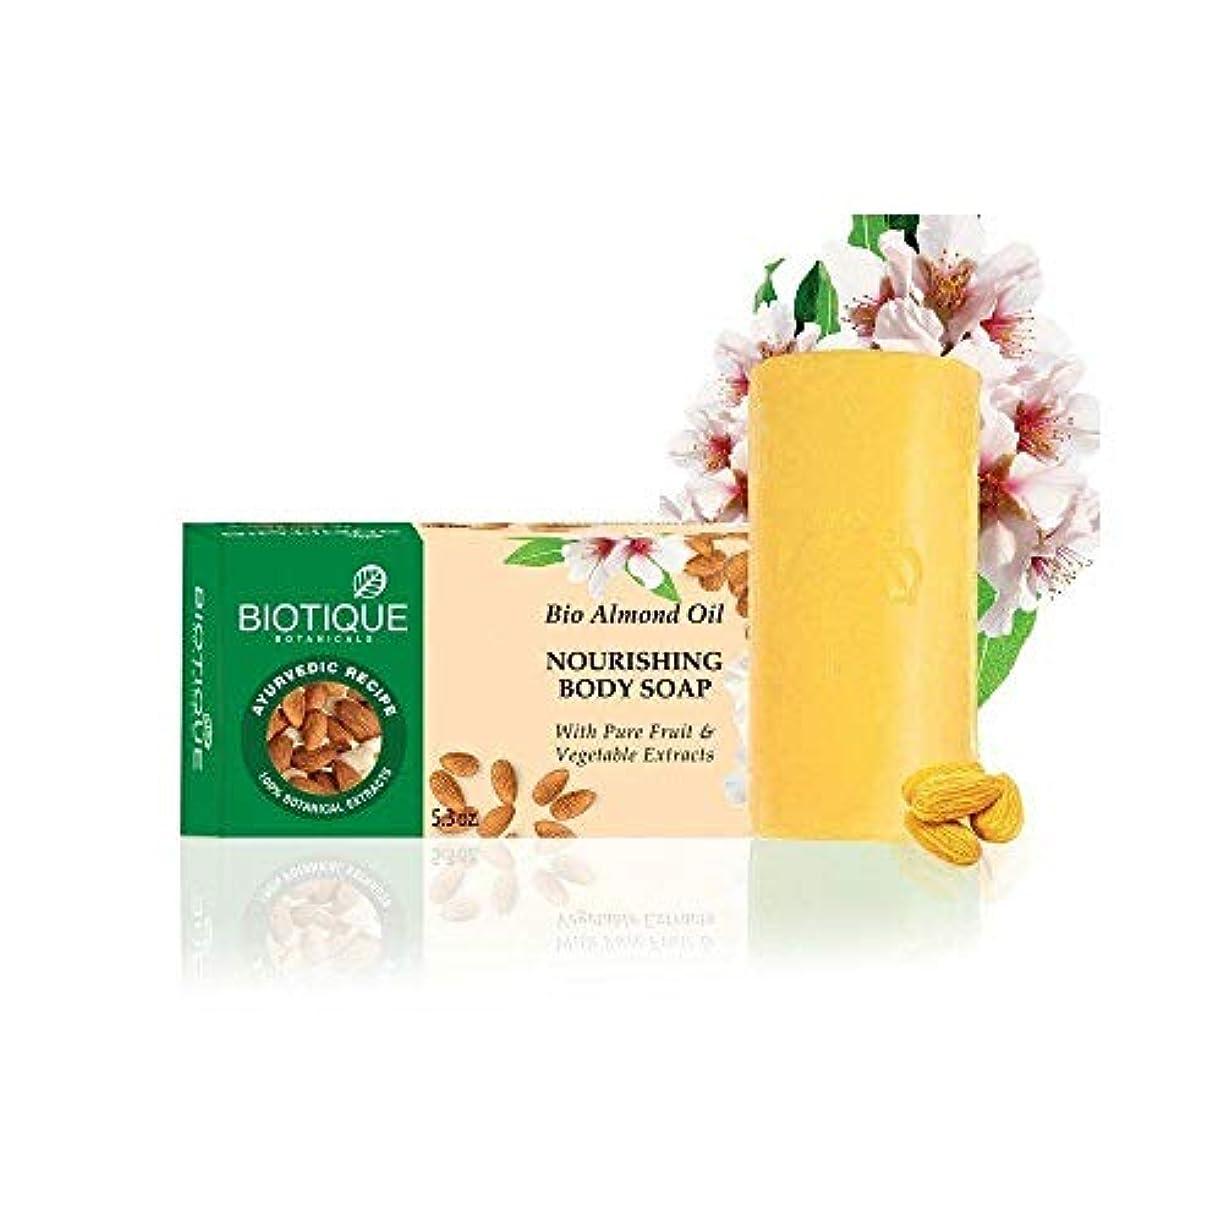 偶然昆虫を見る不良Biotique Bio Almond Oil Nourishing Body Soap - 150g (Pack of 2) wash Impurities Biotique Bio Almond Oilナリッシングボディソープ...